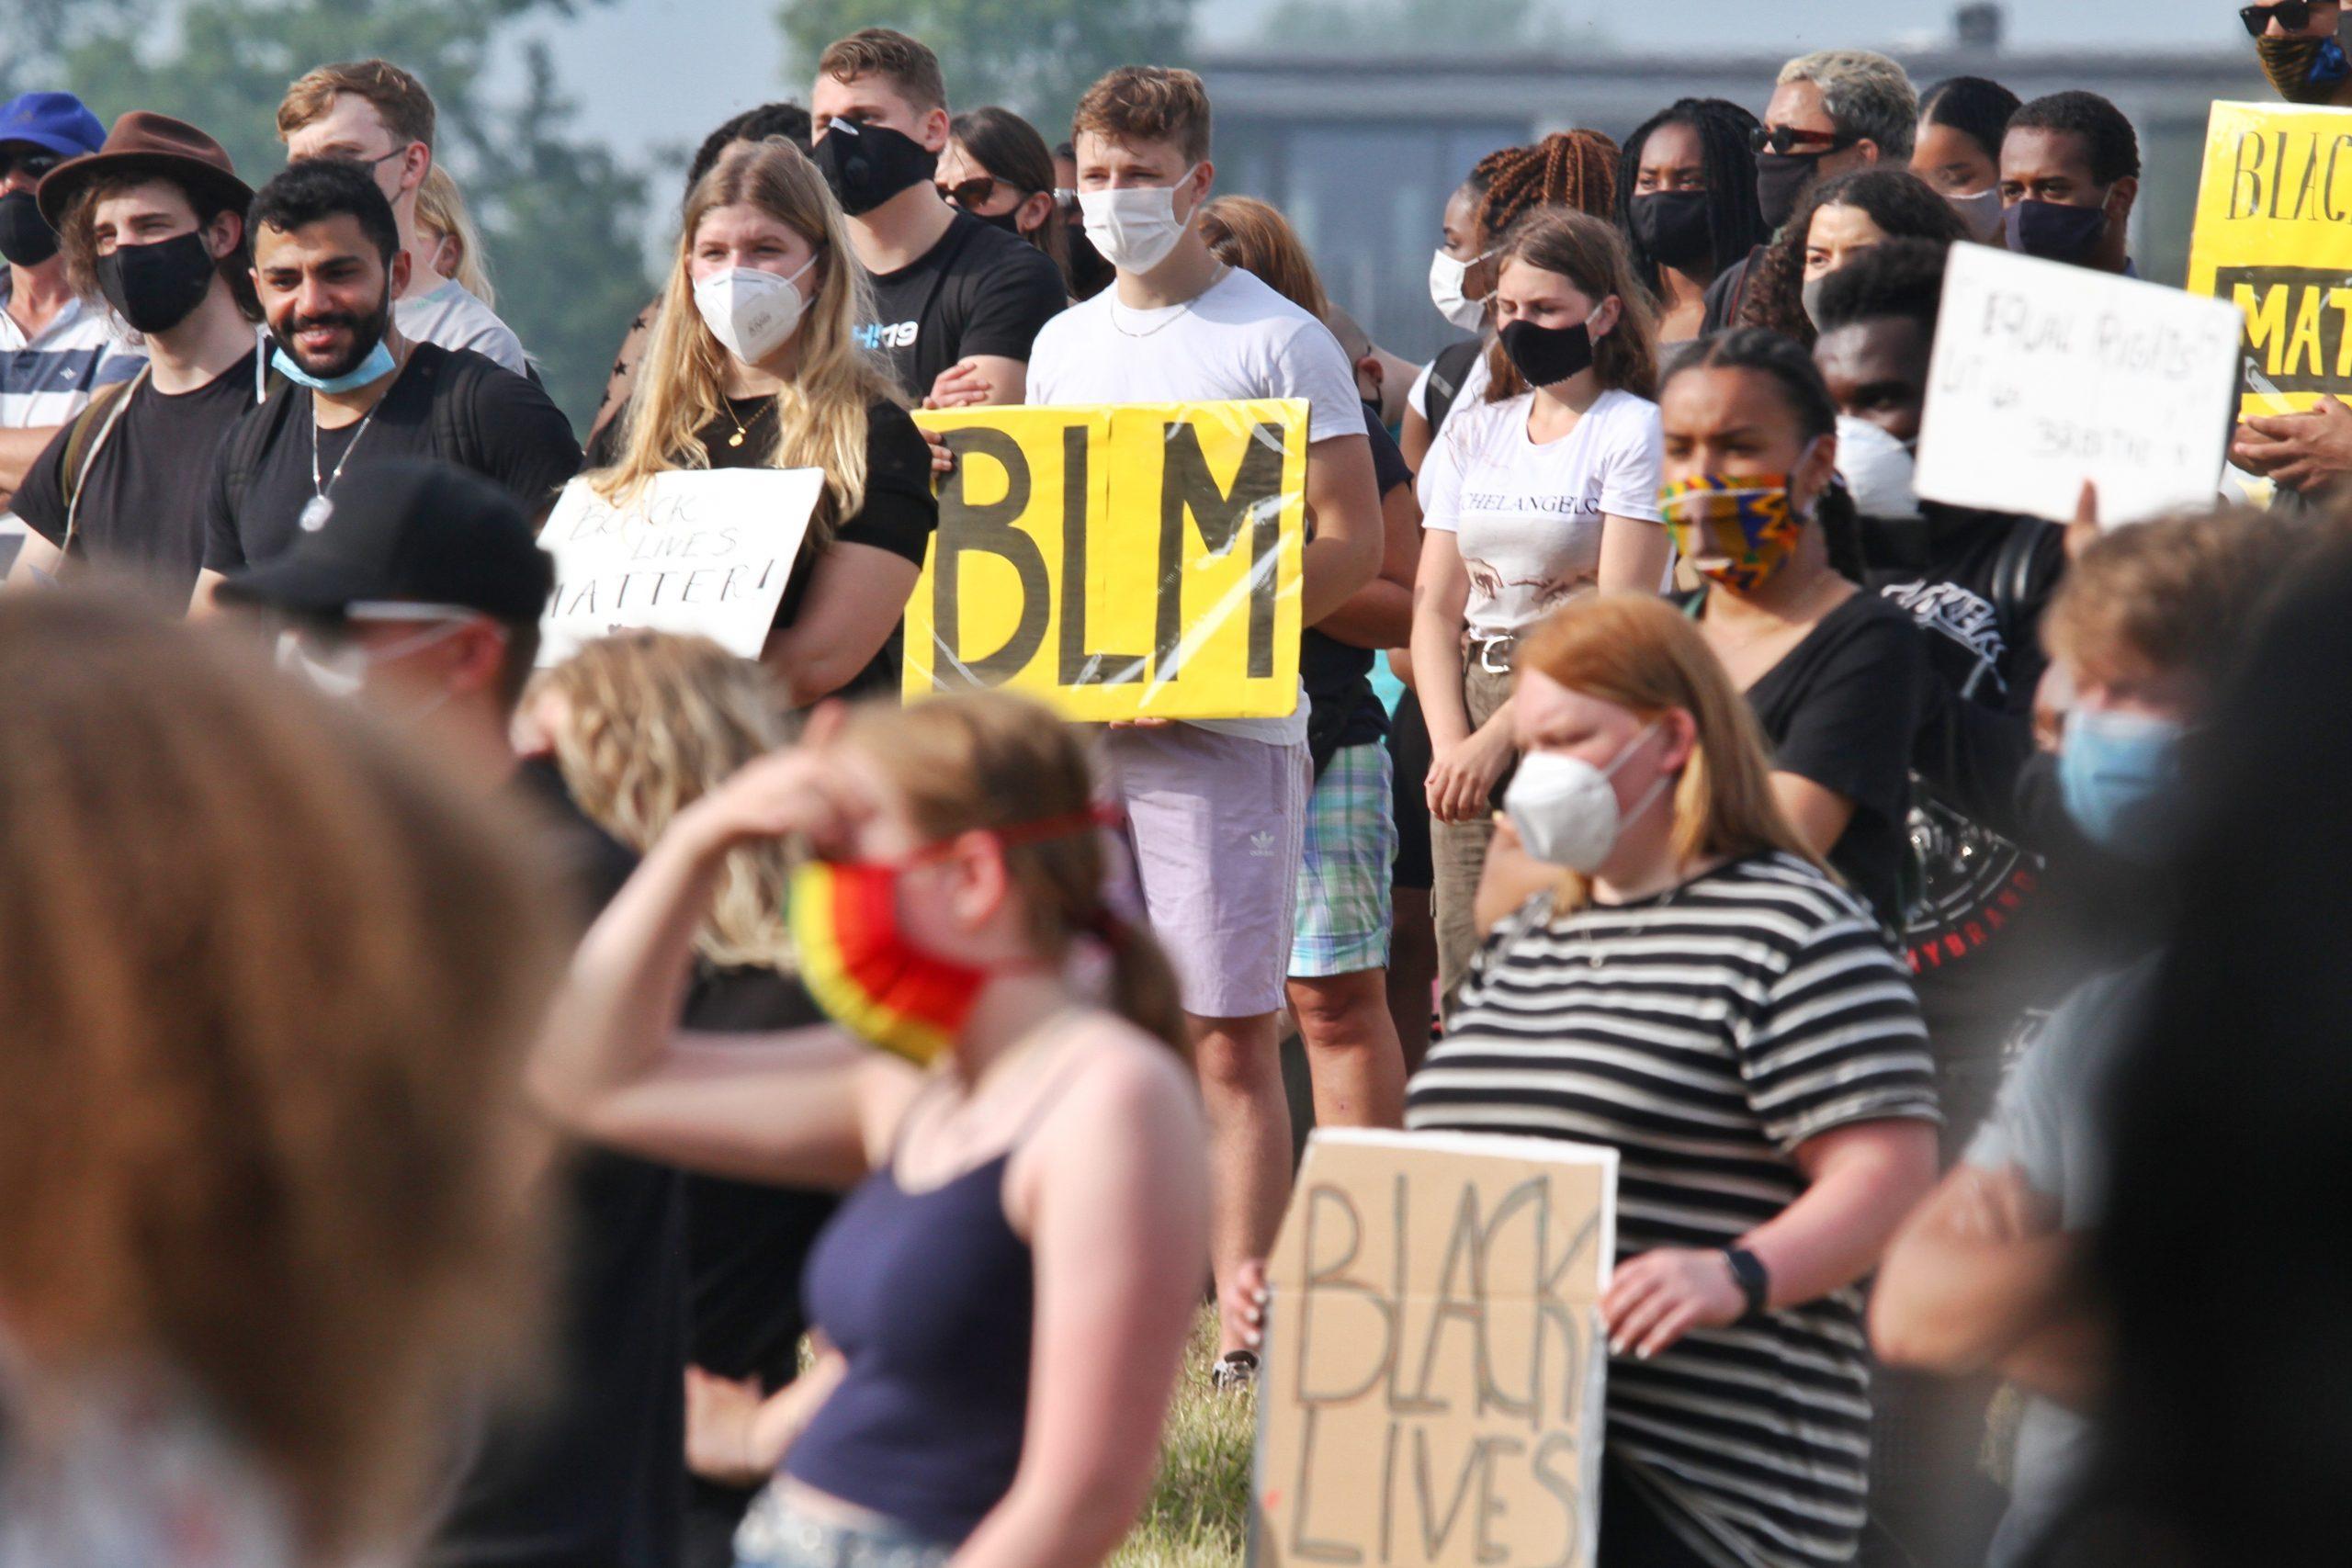 Veel politie inzet bij Black live Matter protest in Leeuwarden